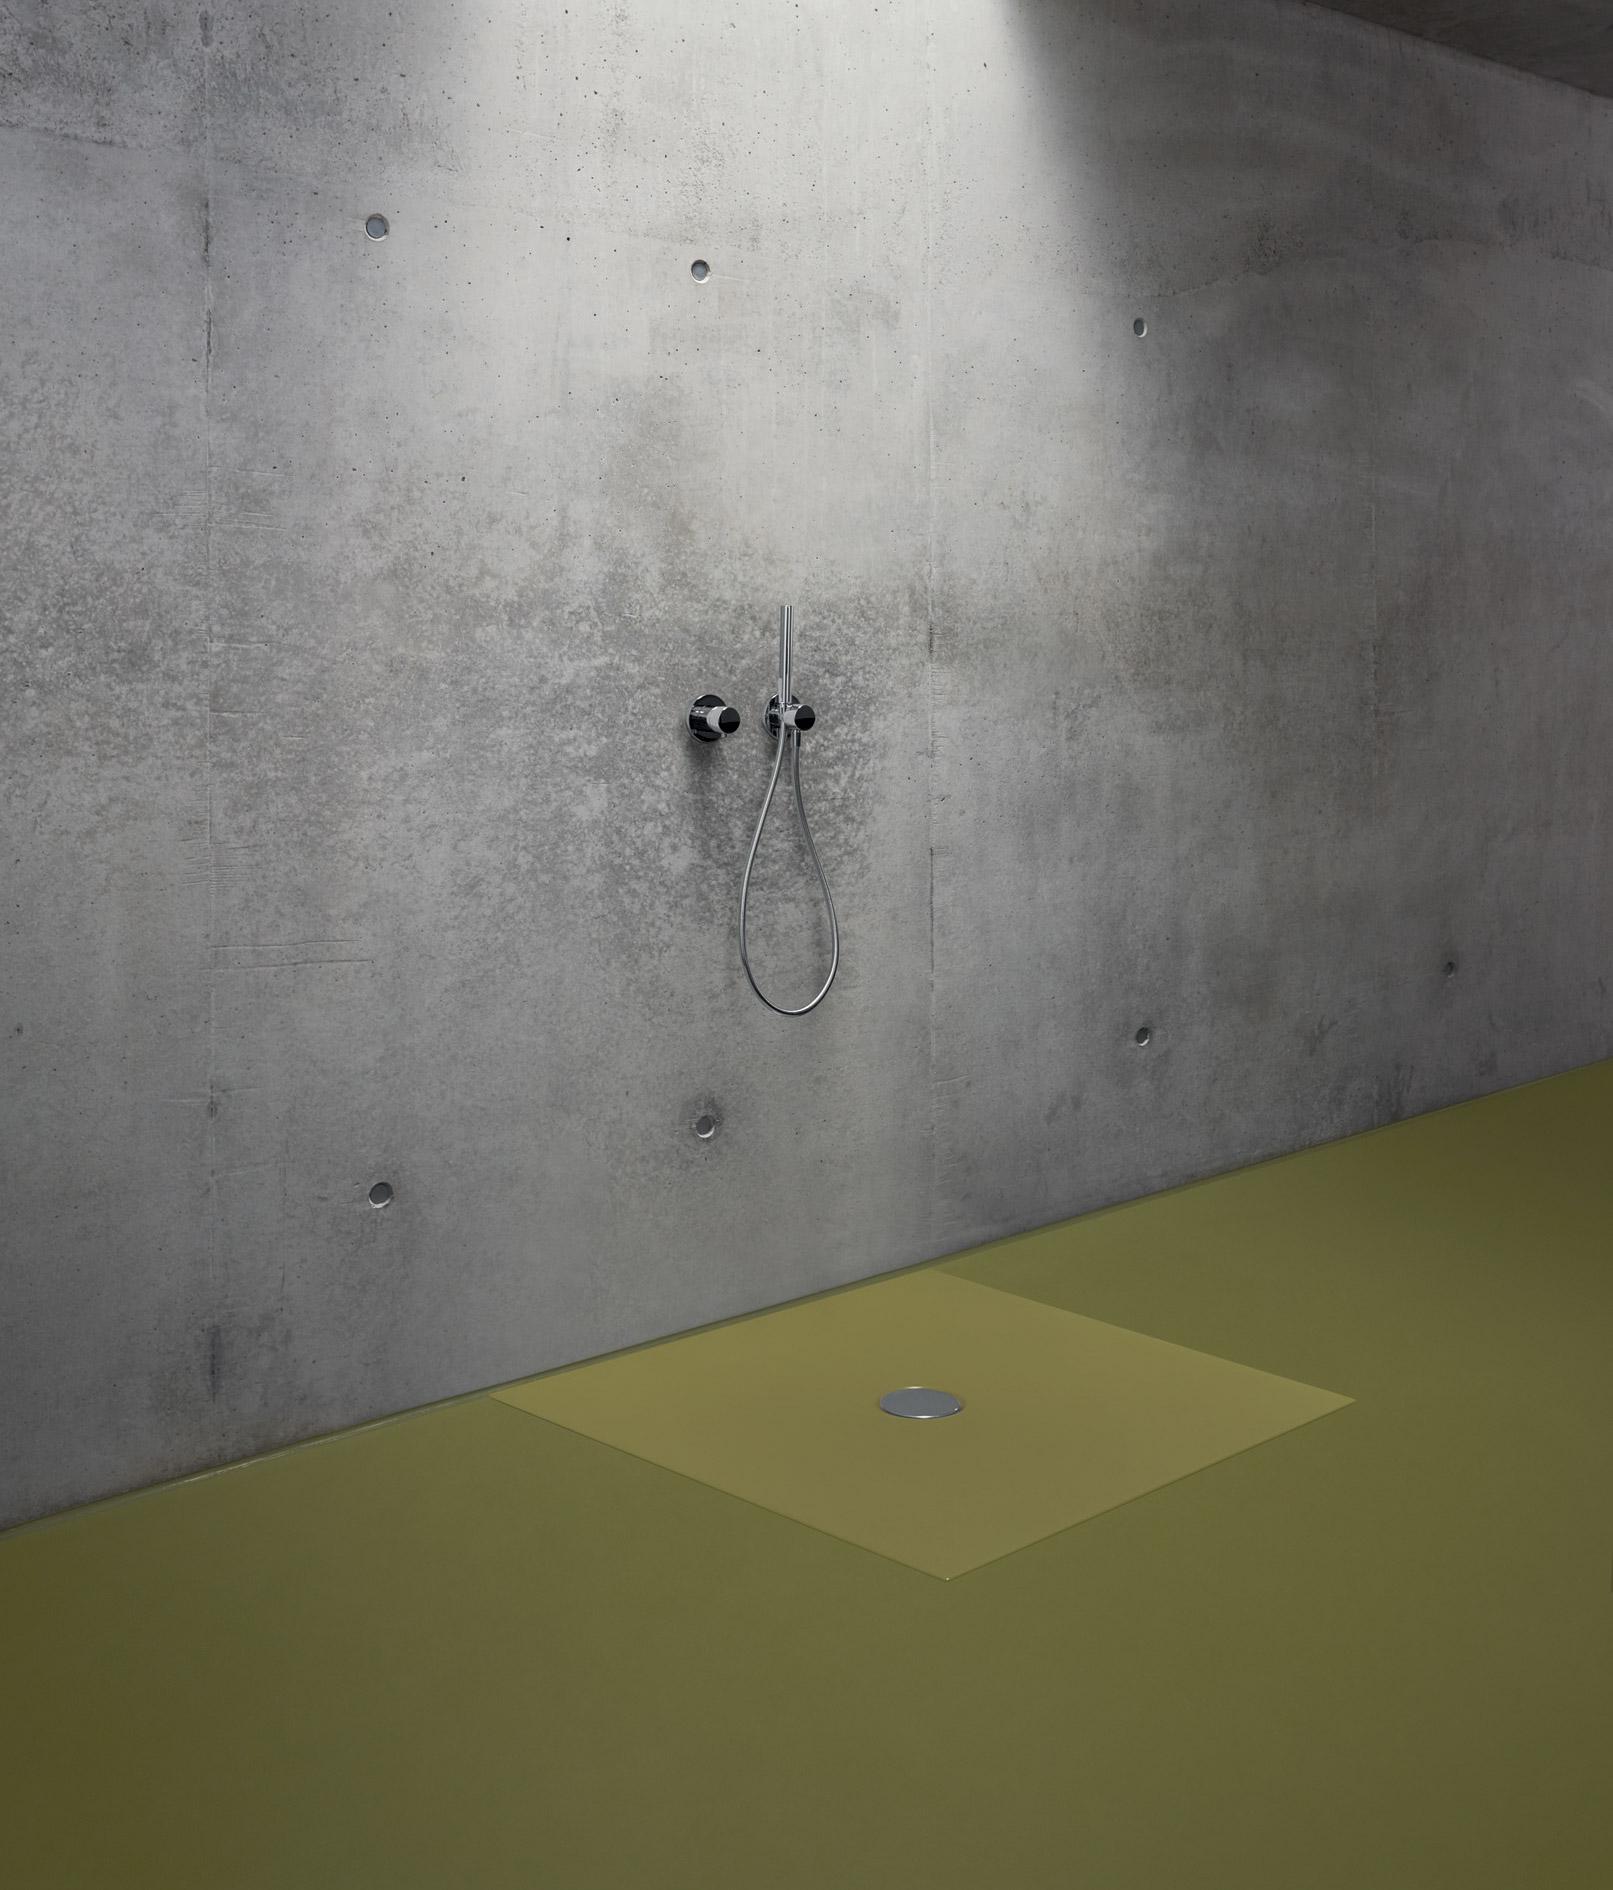 Full Size of Bette Floor Shower Tray Bettefloor Side Installation Video Duschwanne Reinigung Lamp Waste Abfluss Reinigen Brausetasse Douchebak Ablauf Colours Französische Bett Bette Floor